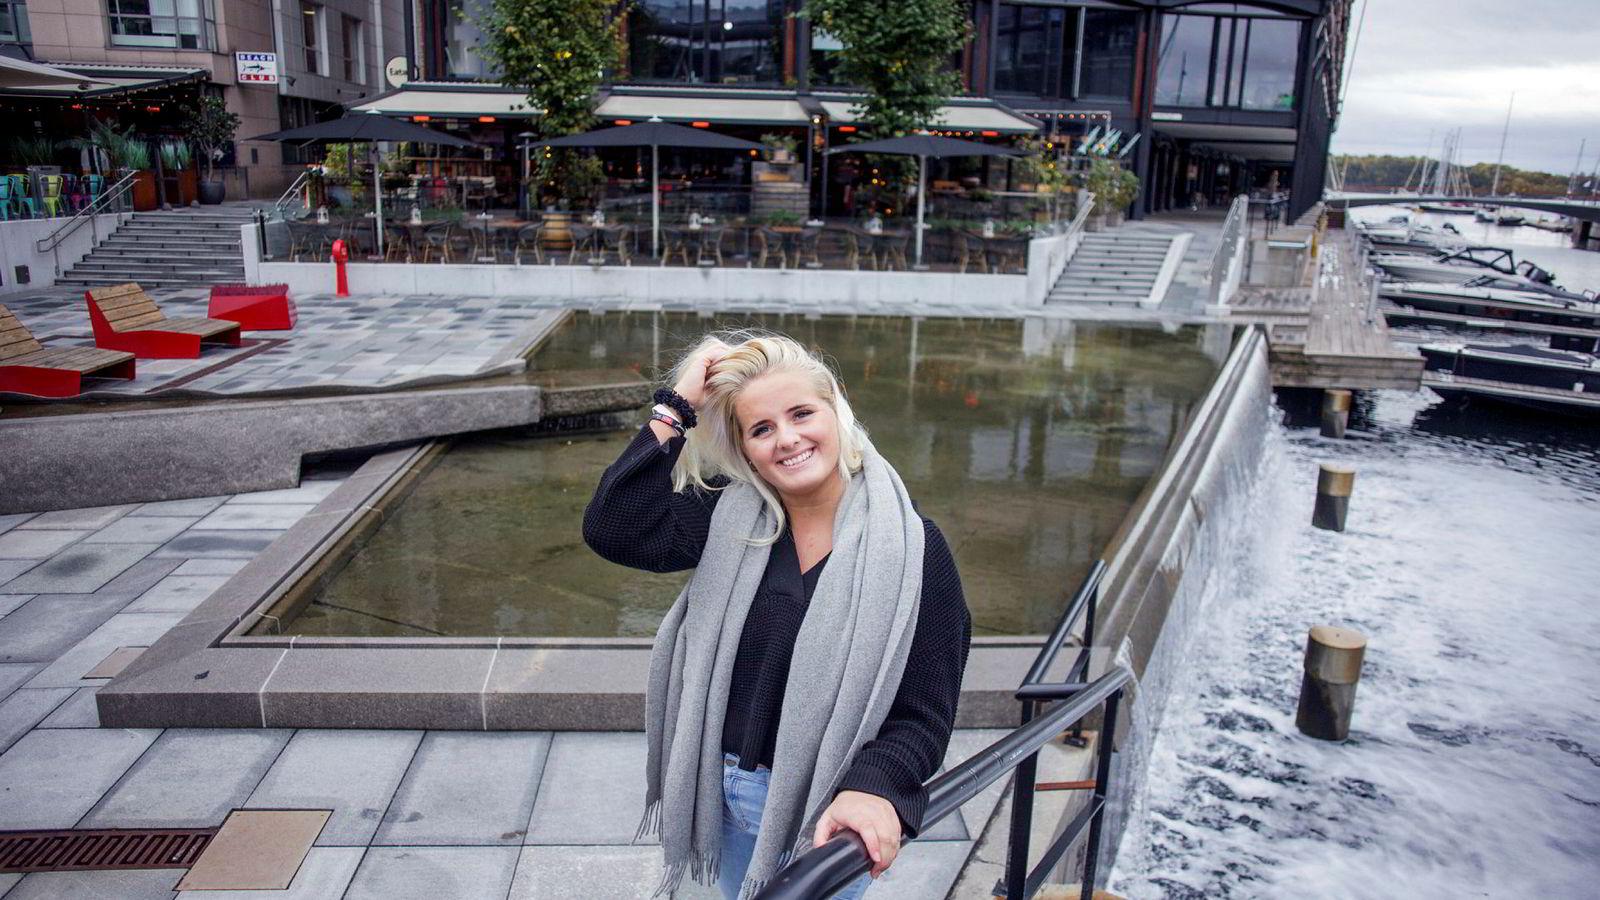 Blogger Martine Halvorsen (20) gir i disse dager ut bok. Ukentlig har hun 100.000 unike lesere, og hun synes det er stas at det er stor interesse også rundt boken.